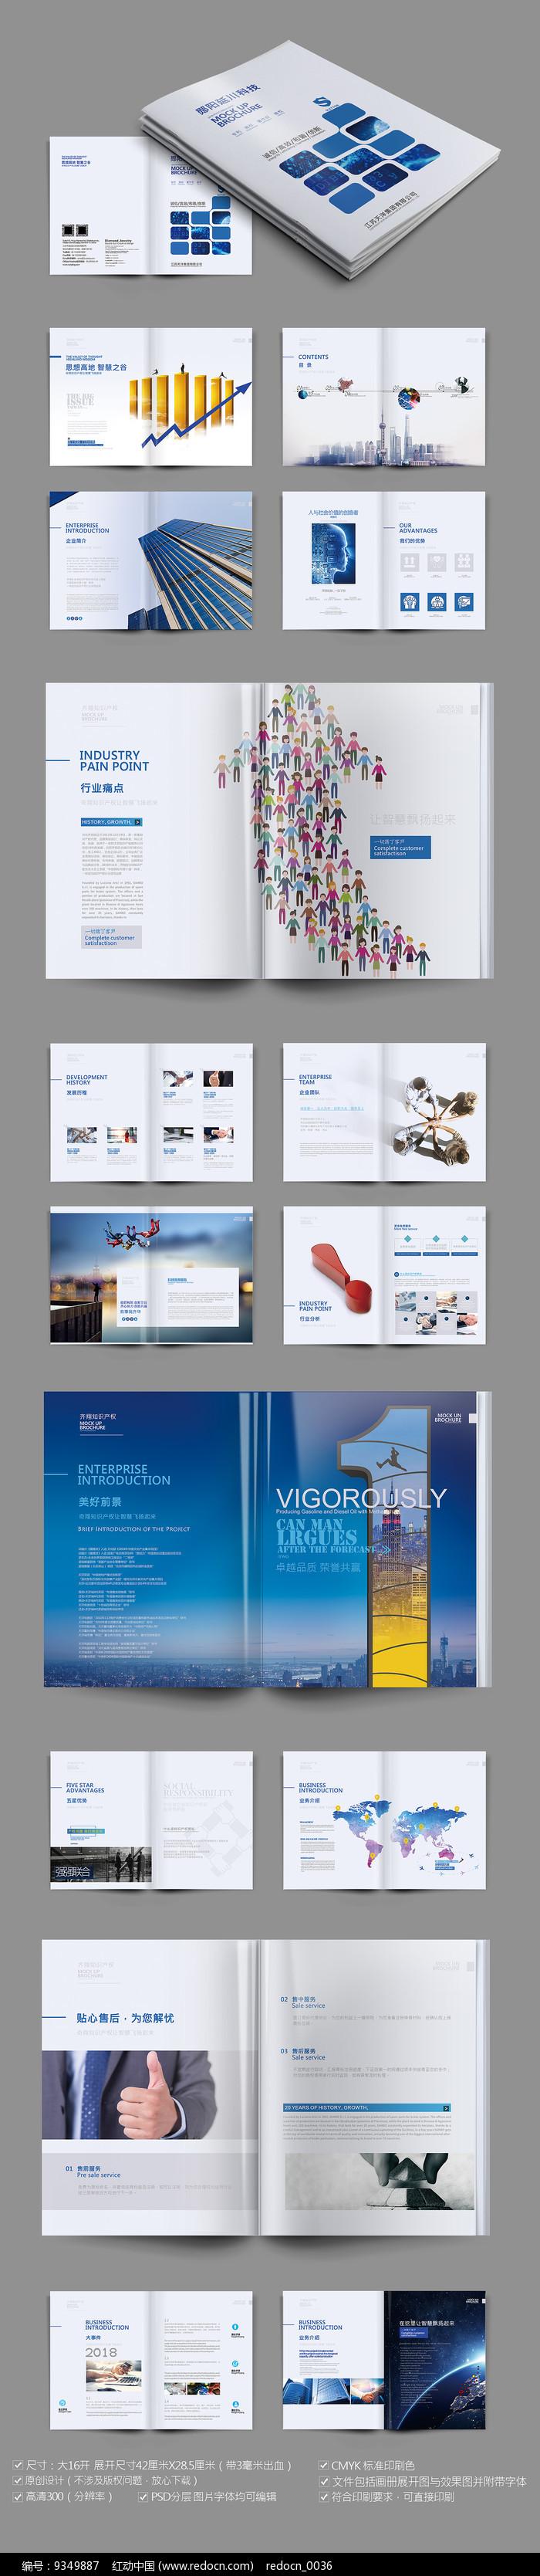 大气企业宣传册模版图片